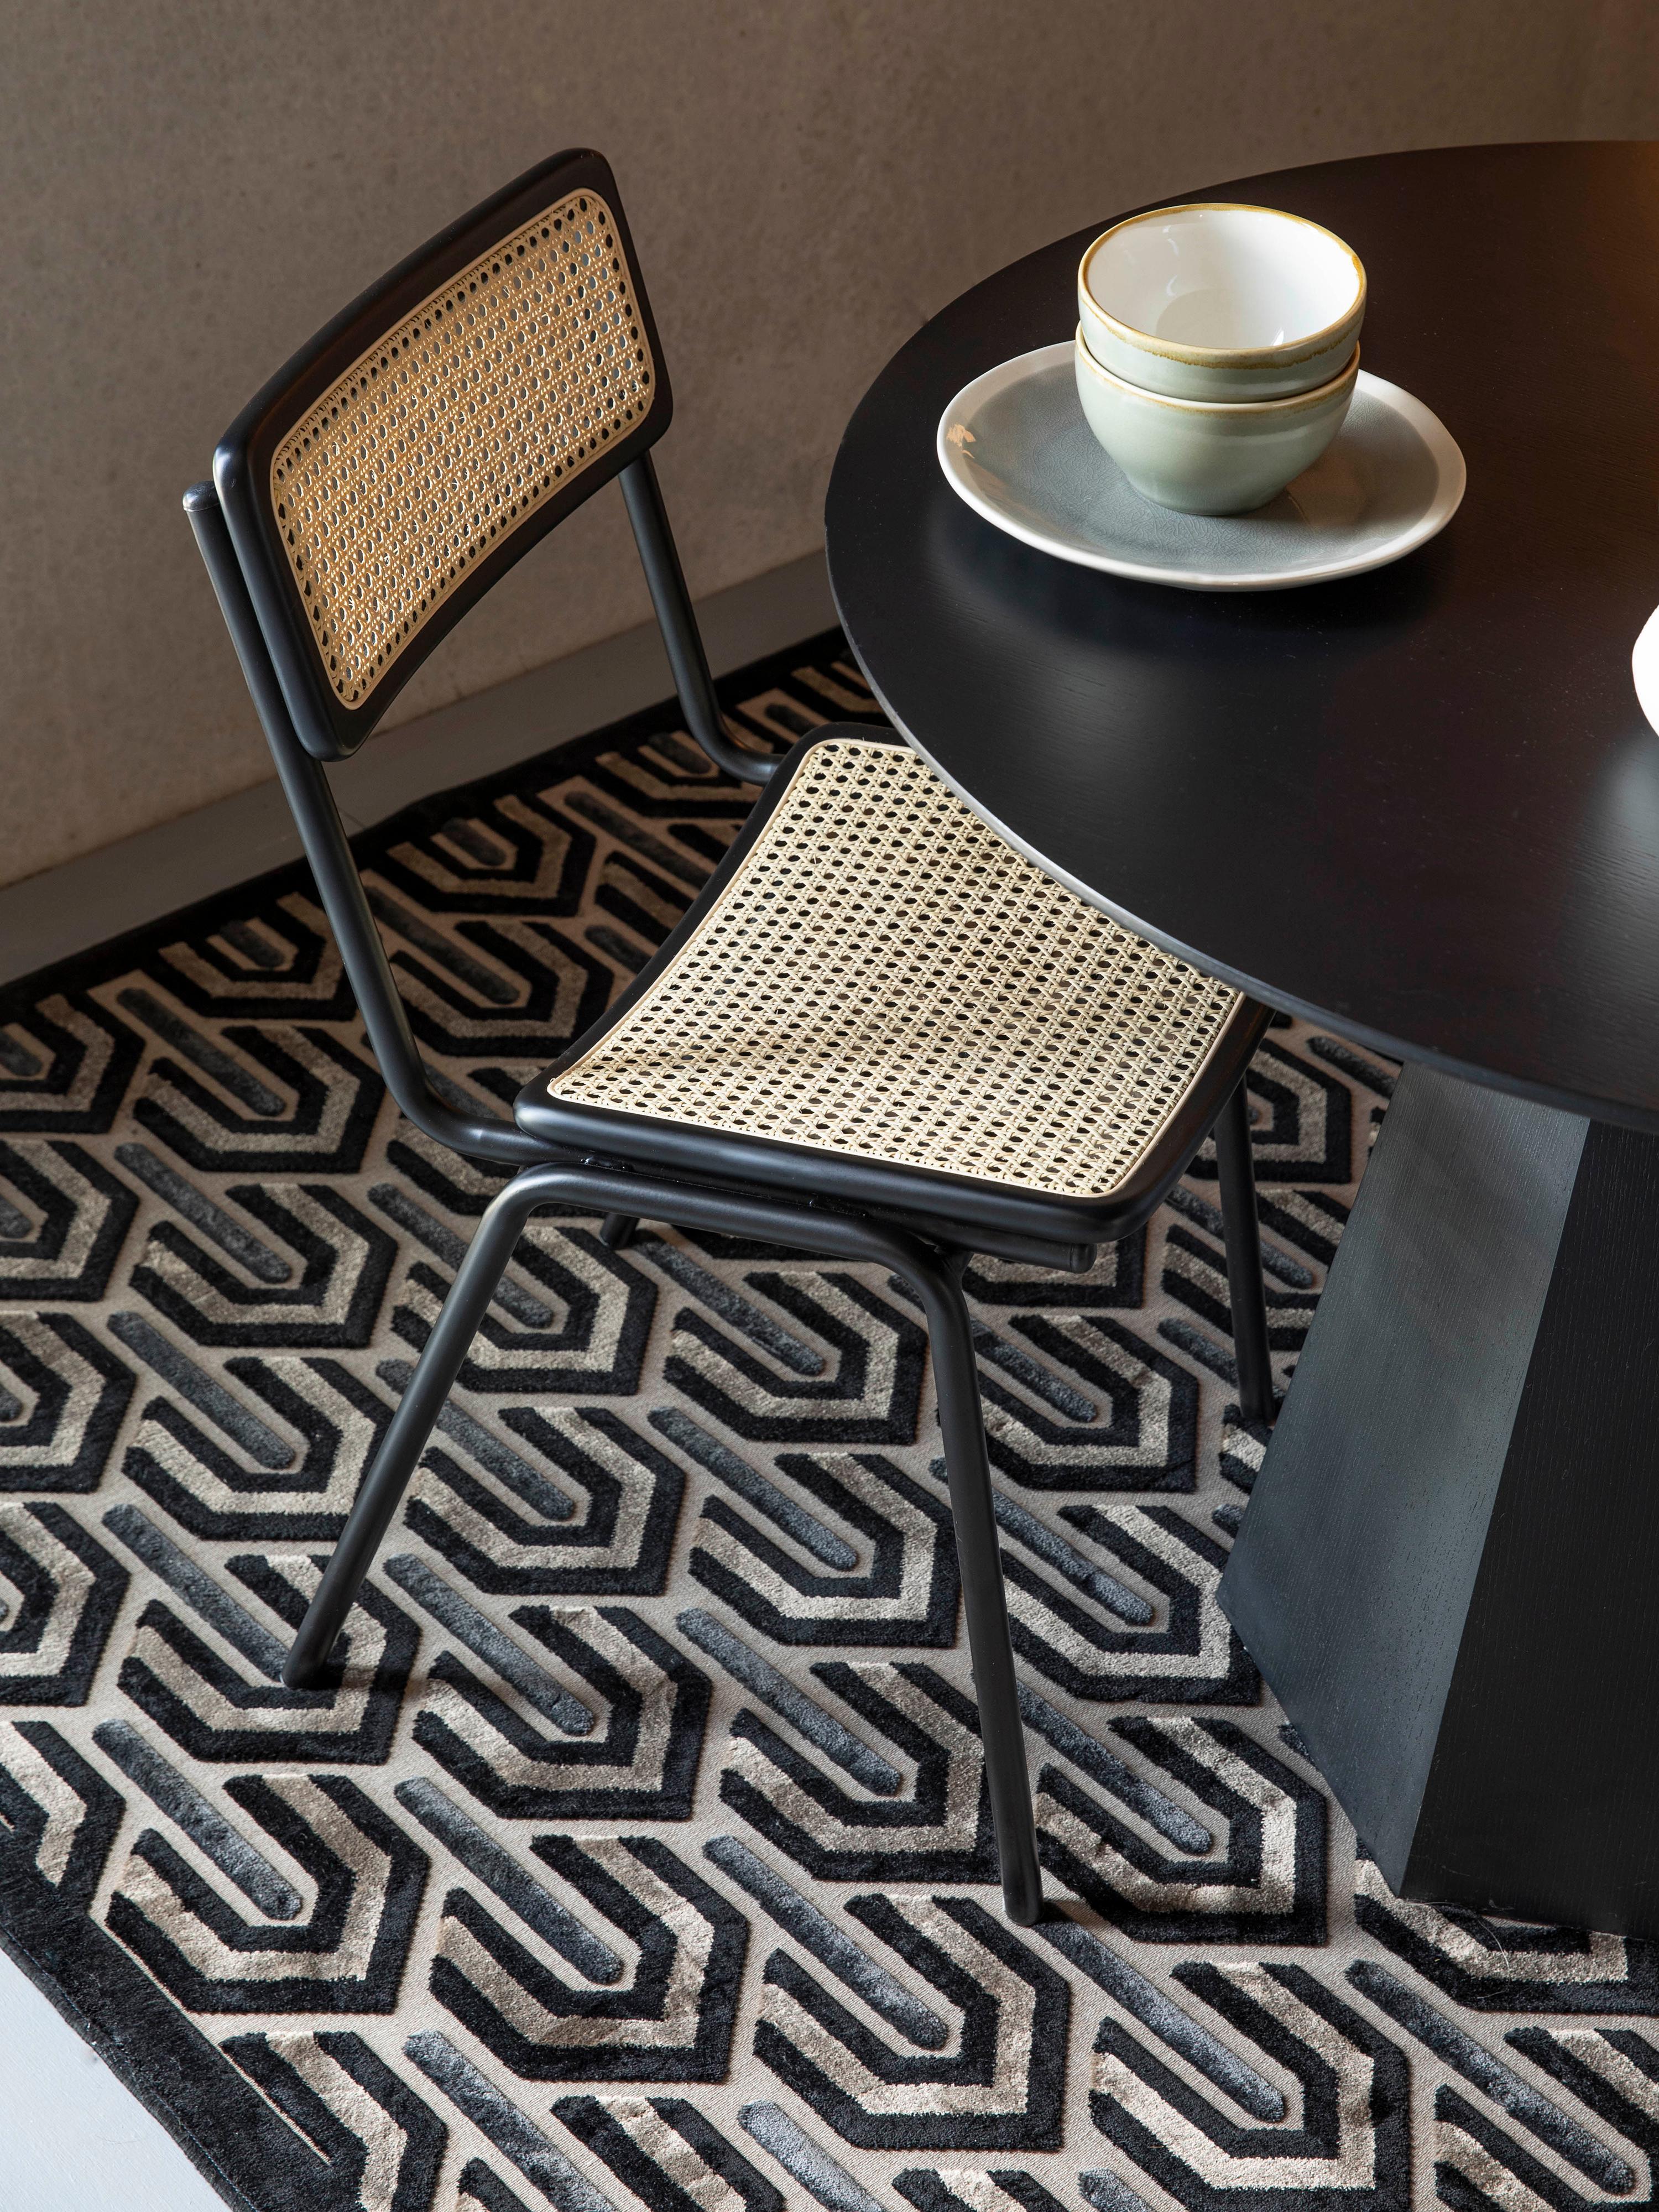 Teppich Beverly mit Hoch-Tief-Struktur, Flor: 57% Rayon, 31% Polyester,, Schwarz, Beige, Grau, B 200 x L 300 cm (Größe L)